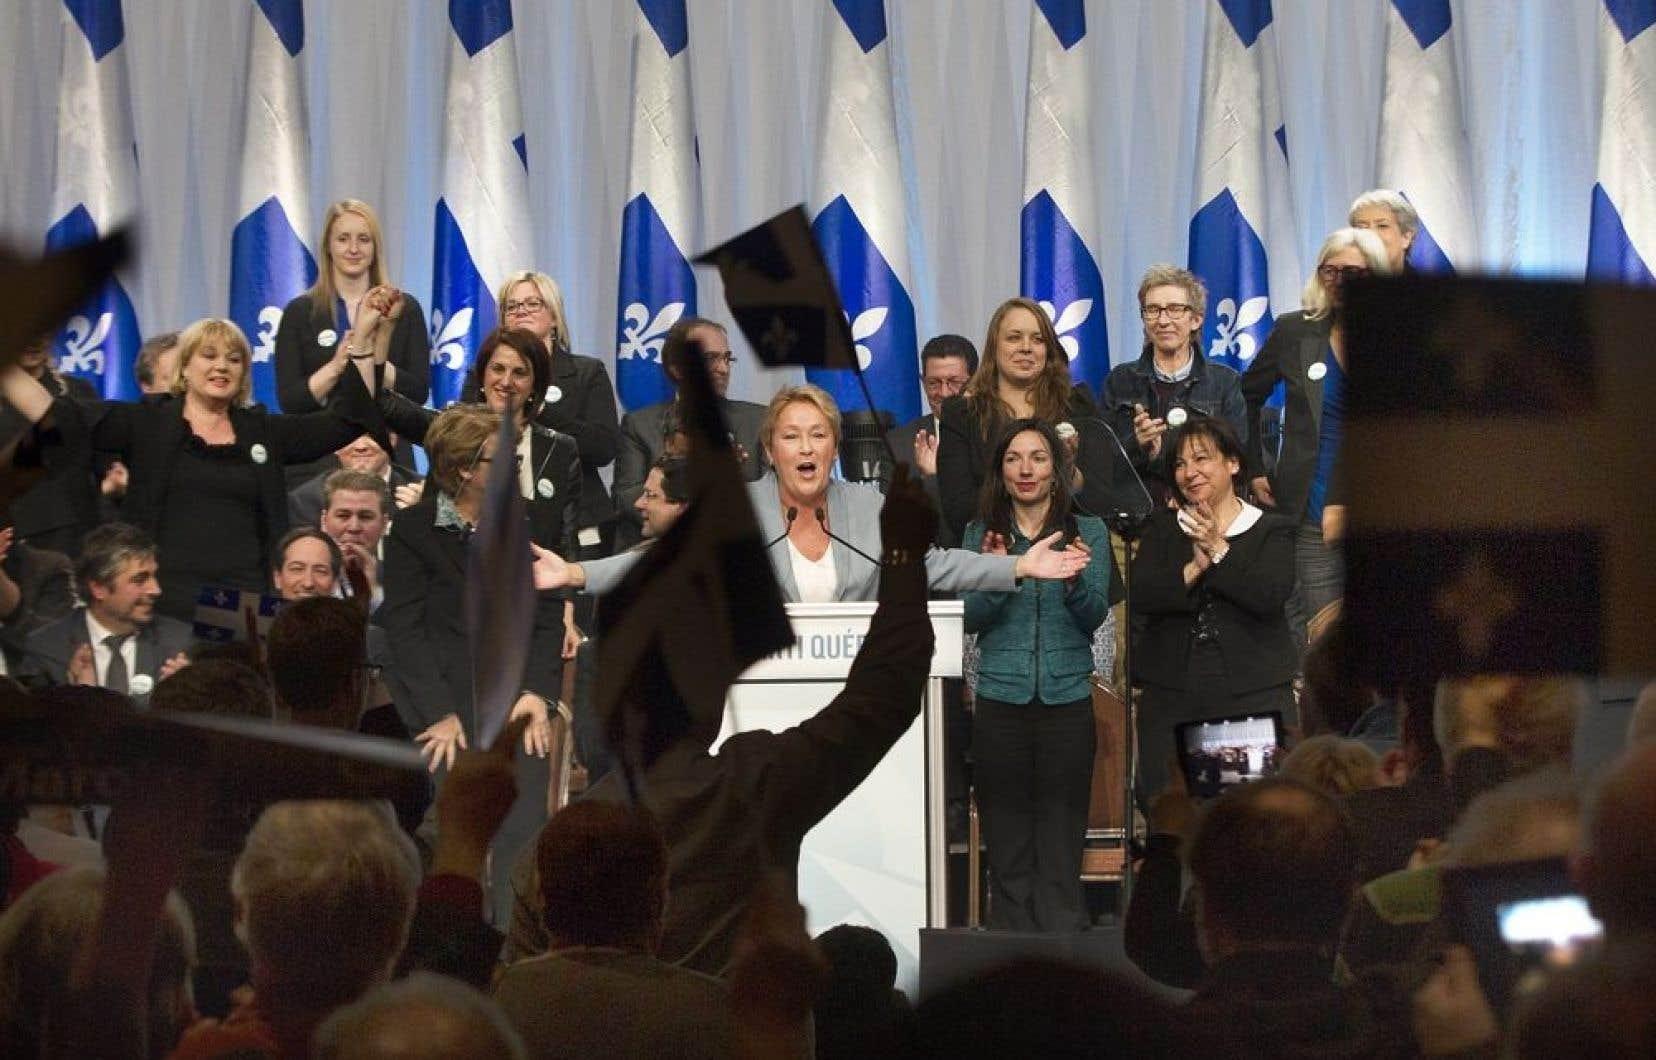 <em>«Le temps est effectivement venu de réfléchir de nouveau à notre avenir»</em>, a déclaré samedi après-midi Mme Marois devant quelque 700 militants péquistes réunis en conseil national électoral à l'Hôtel Sheraton de Laval.